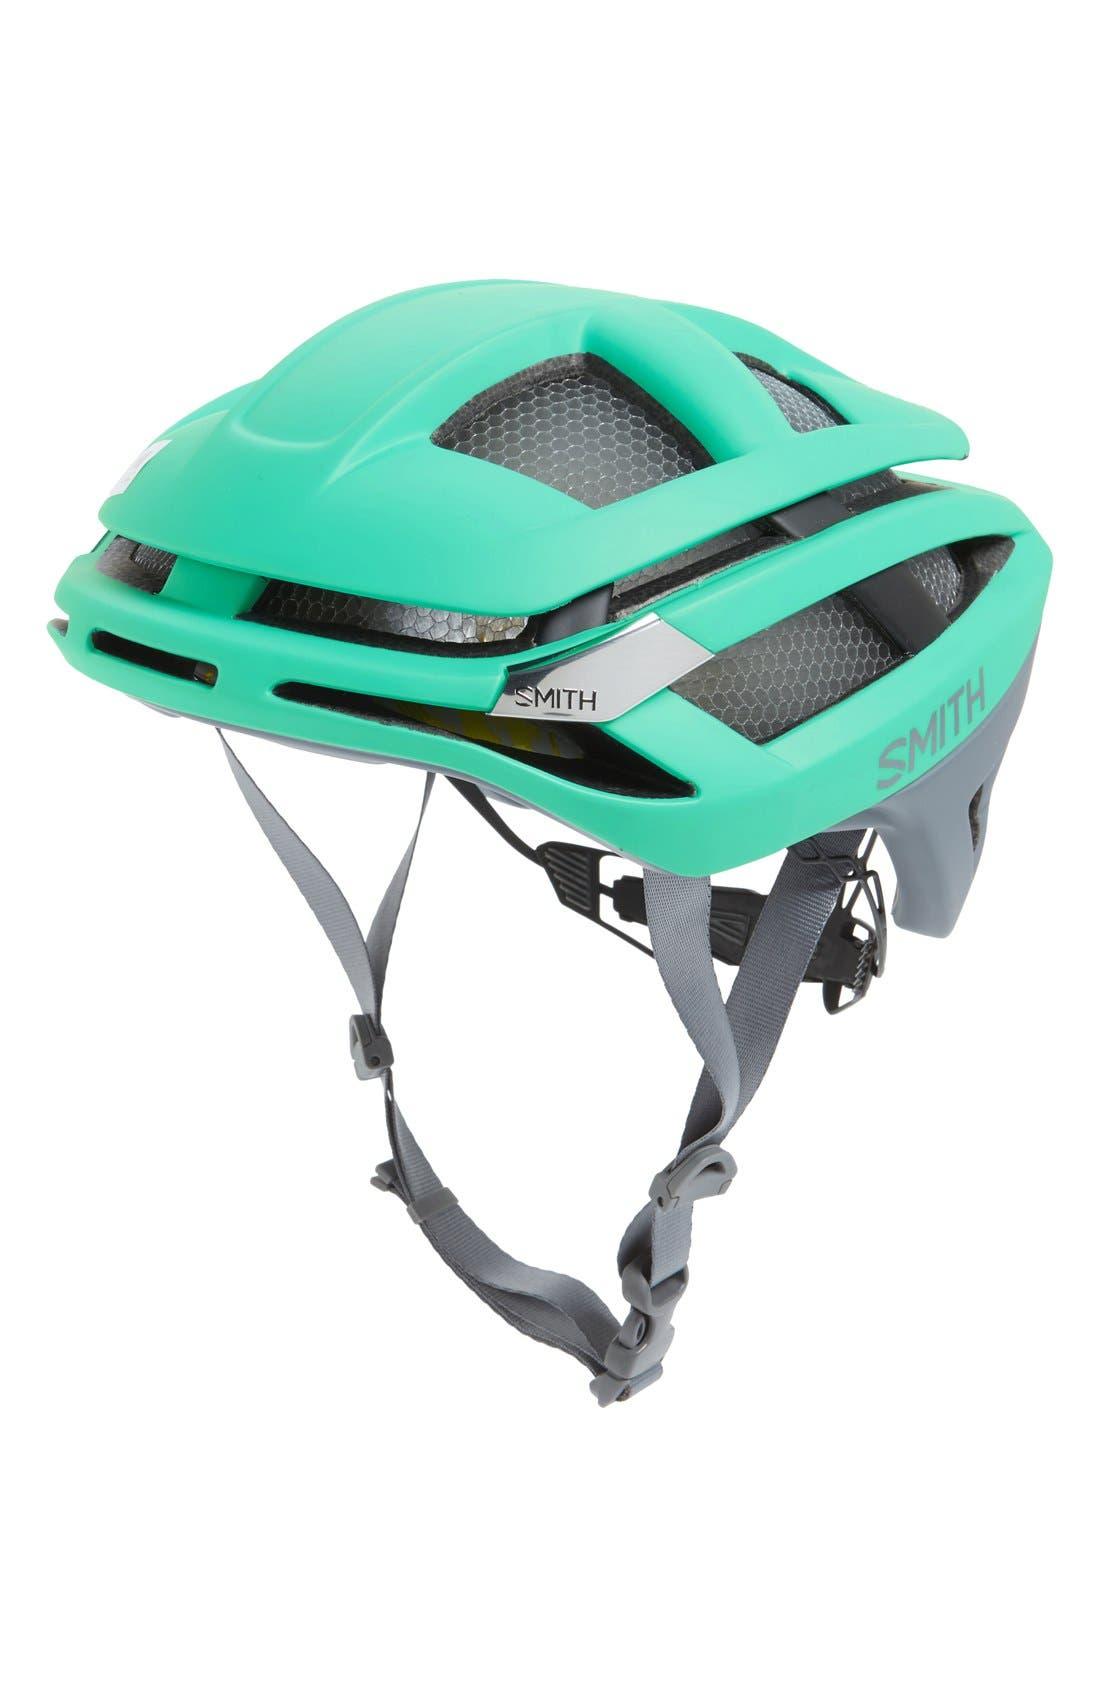 Smith 'Overtake with MIPS' Biking Racer Helmet